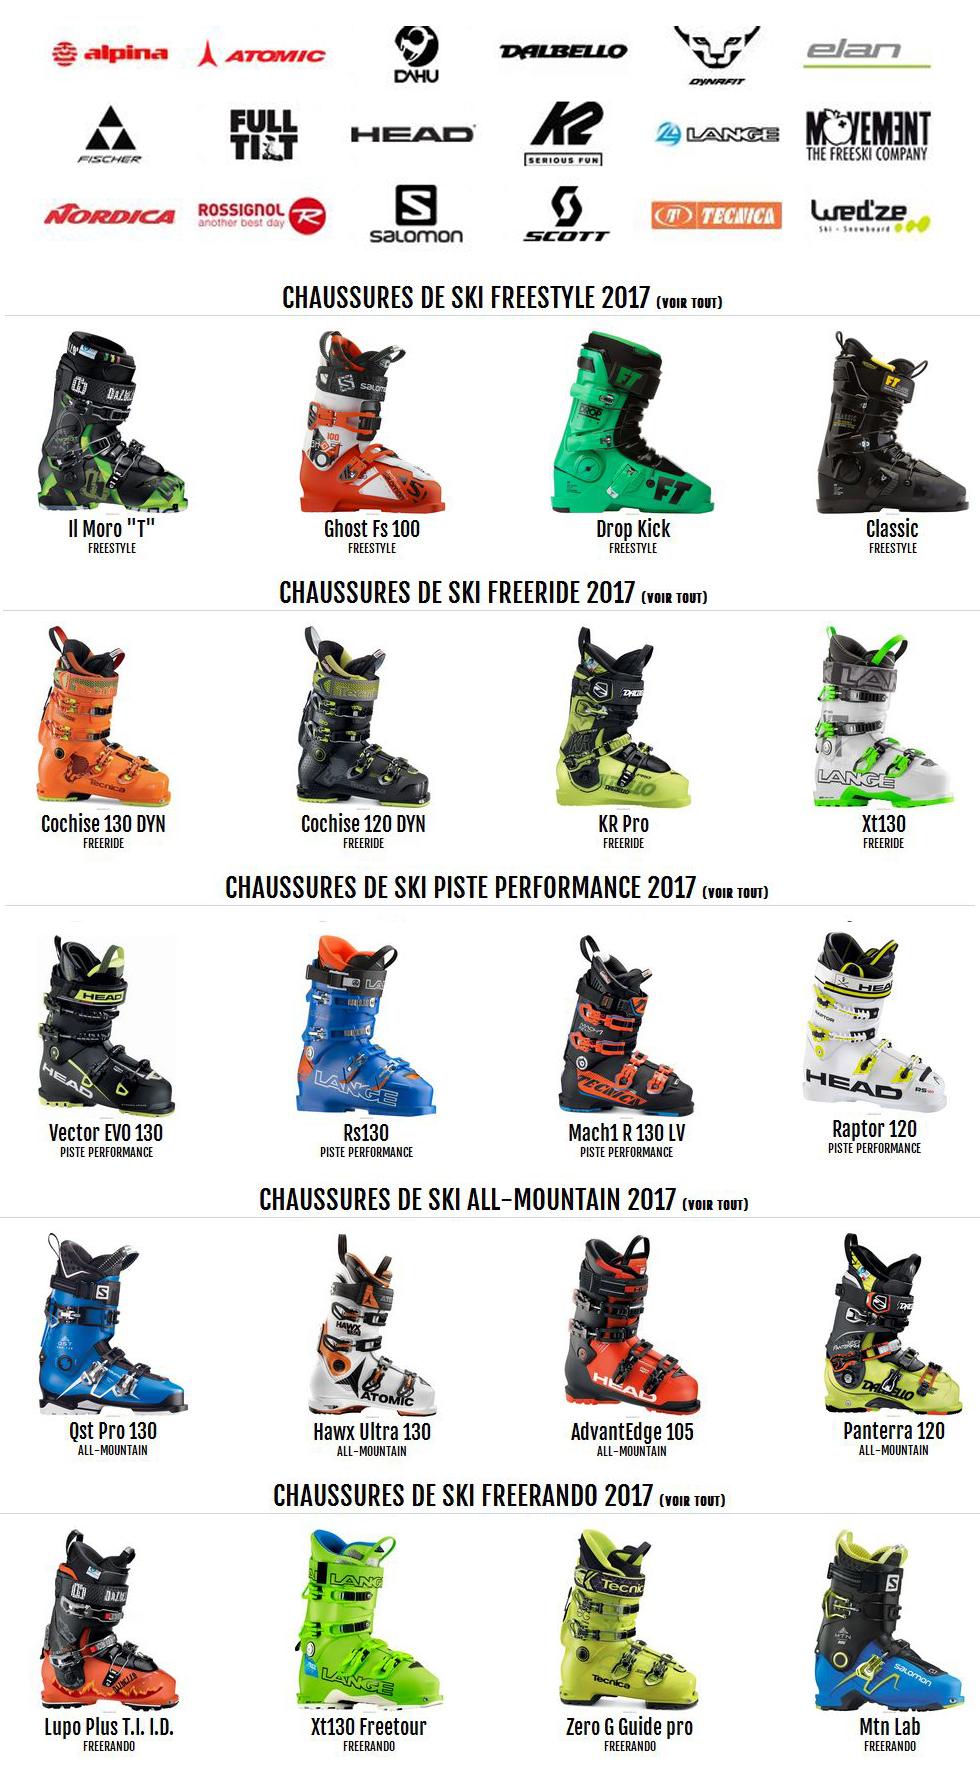 5a5368aca5b7 Toutes les marques, Tous les modeles, Tous les prix sur Skipass  http://www.skipass.com/guide-matos/chaussures-ski/